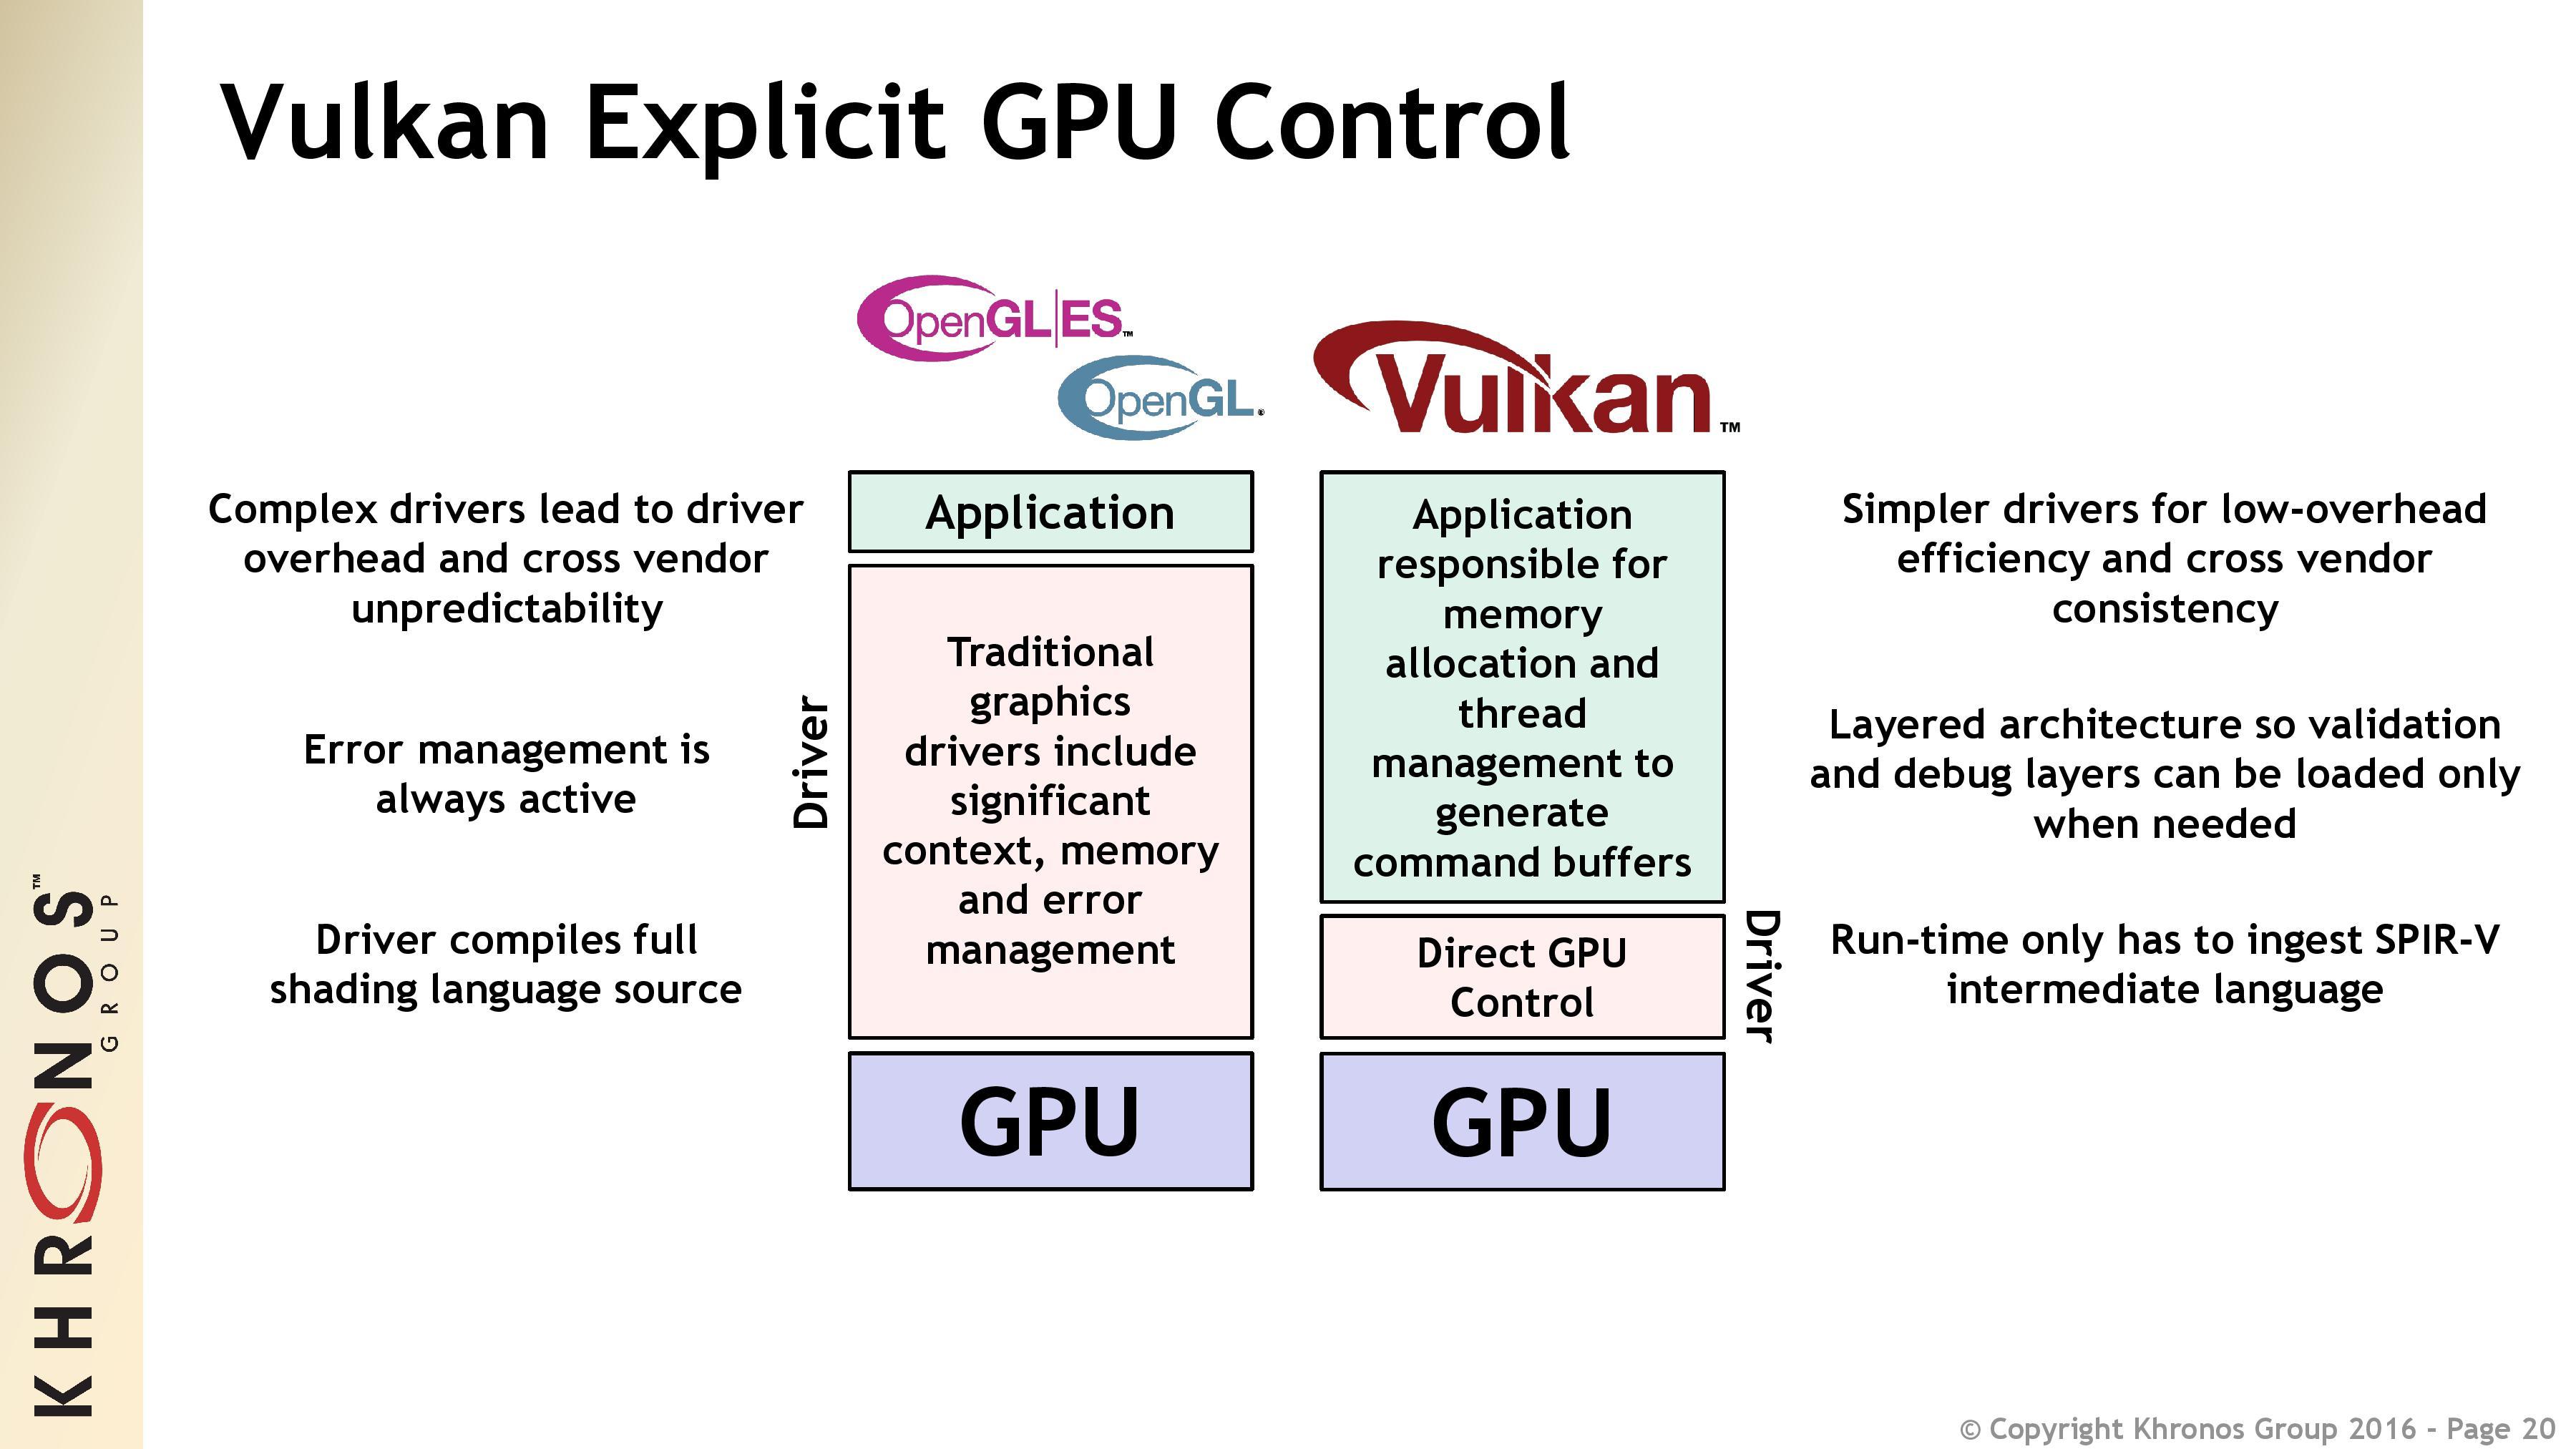 I motsetning til OpenGL lar Vulkan programmet gjøre mesteparten av jobben, og holder driverne små og lette.